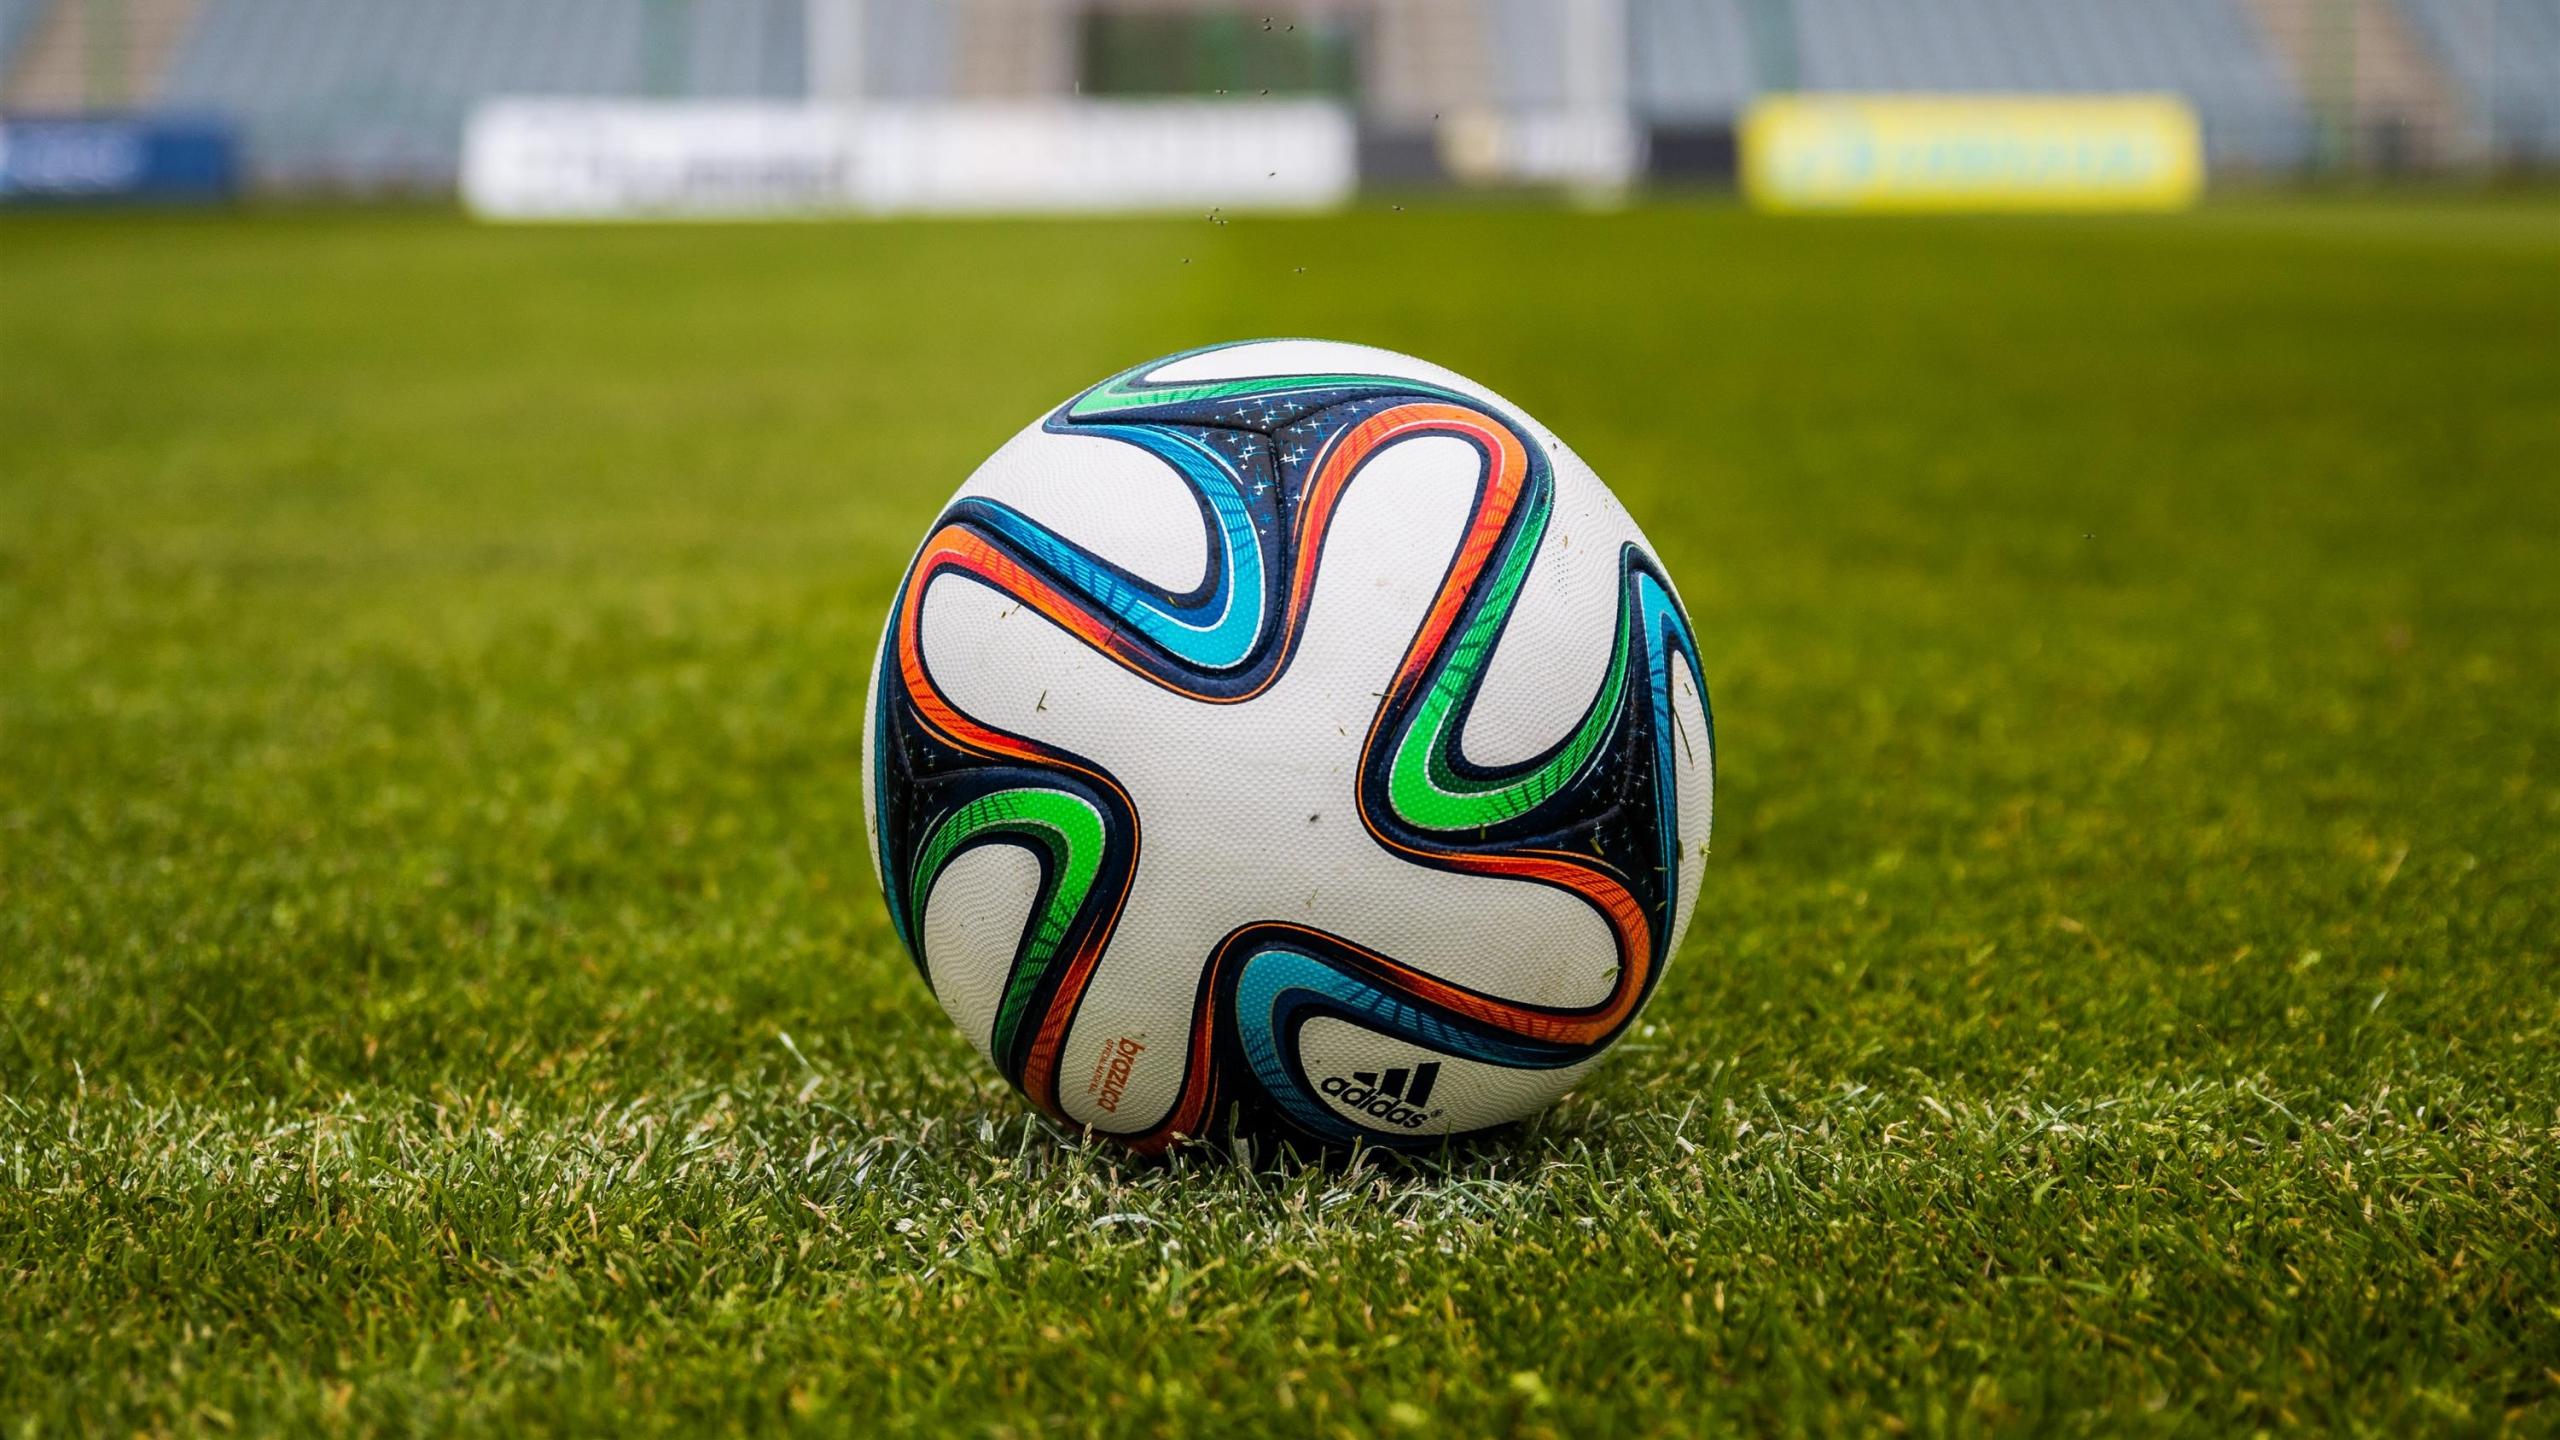 ball_football_field_grass_106510_2560x1440a